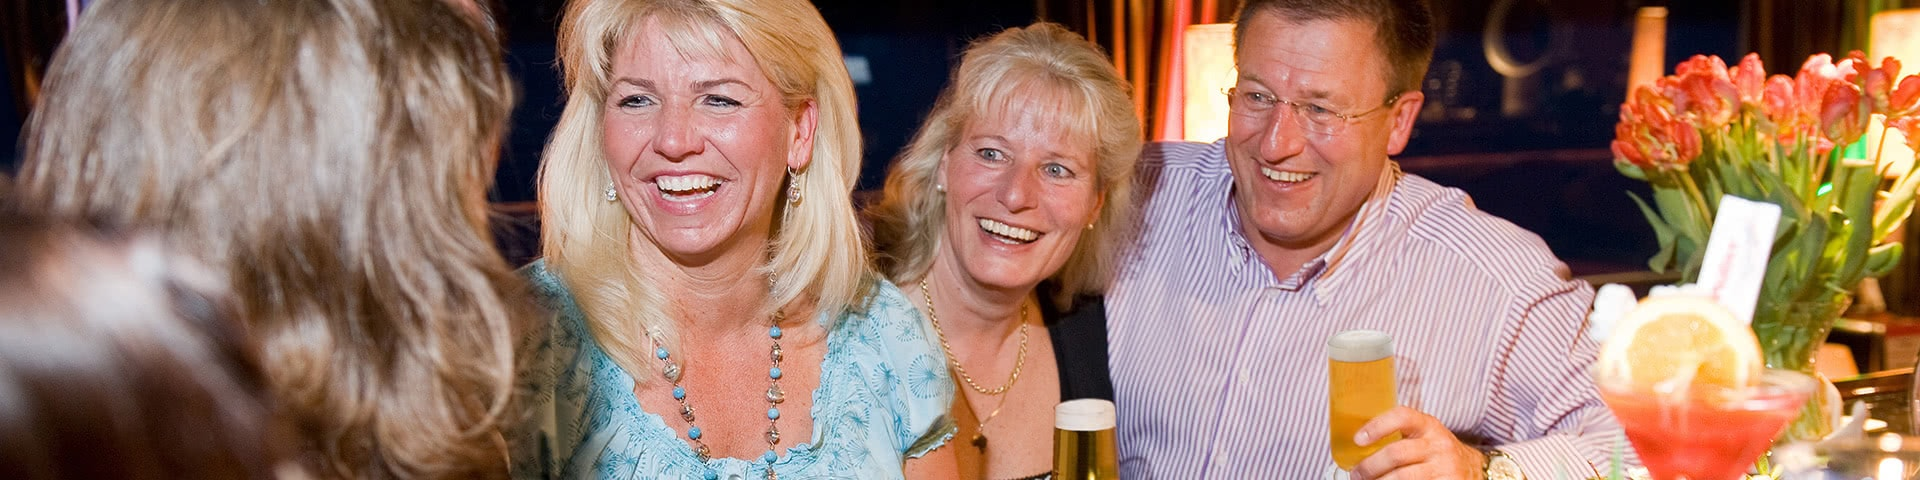 Gruppe trinkt gemeinsam Bier an der Bar auf der MPS Statendam